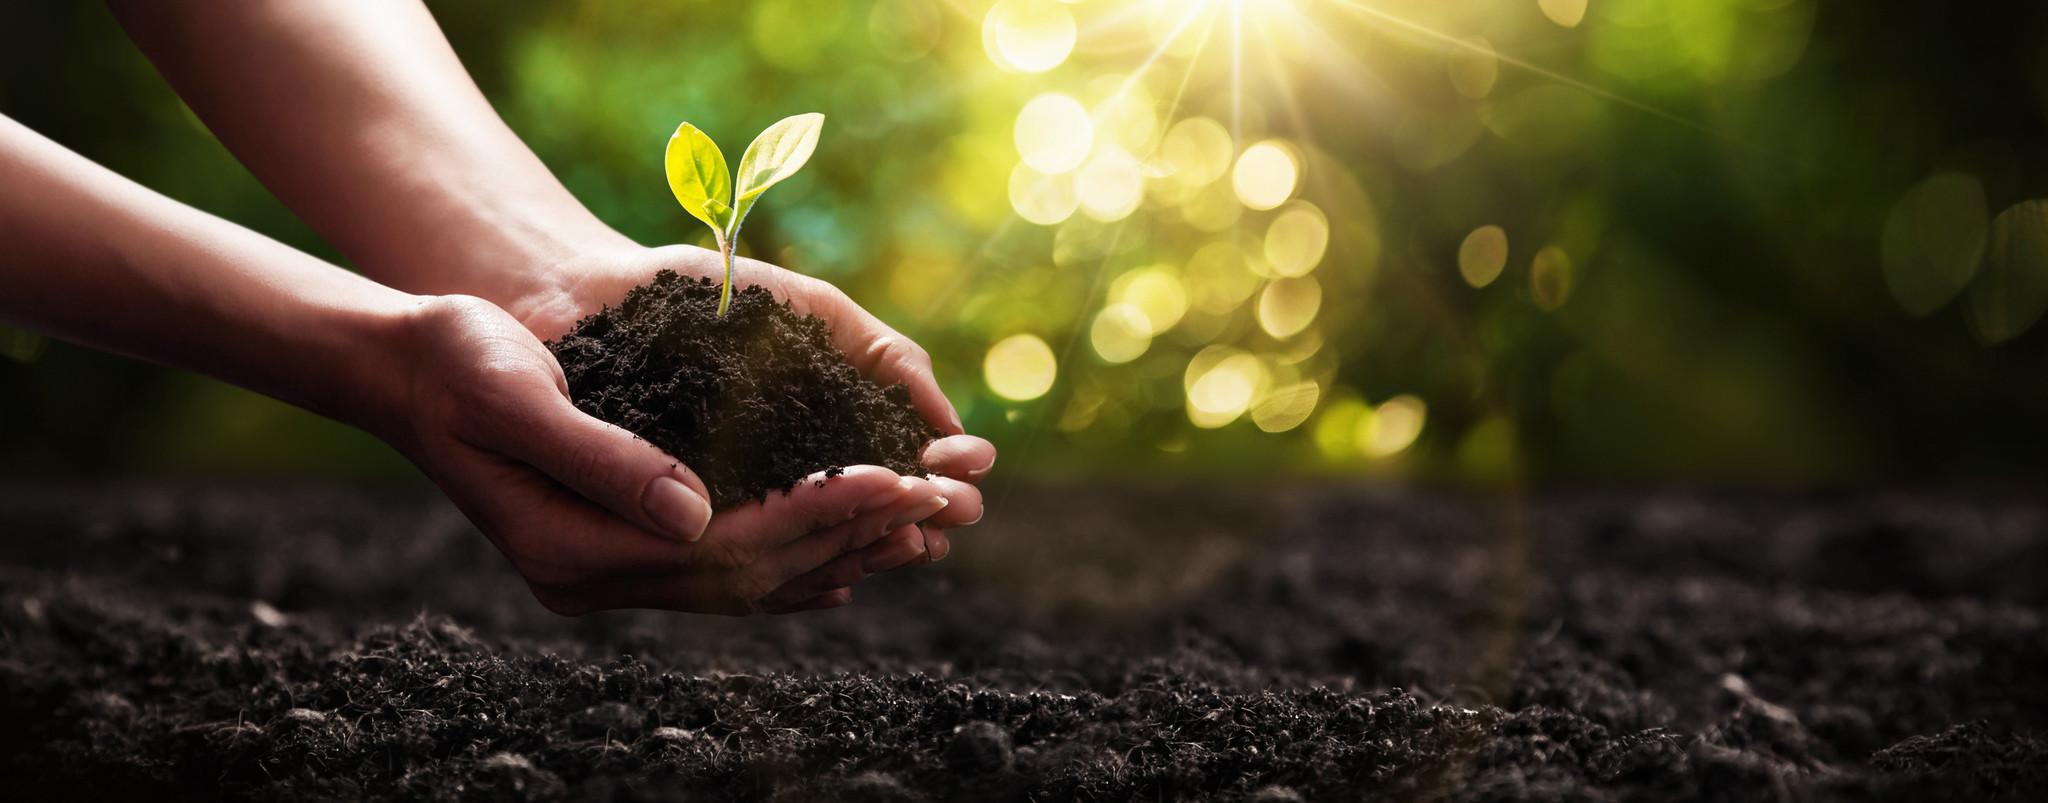 Wann sollte  man einen Baum pflanzen?